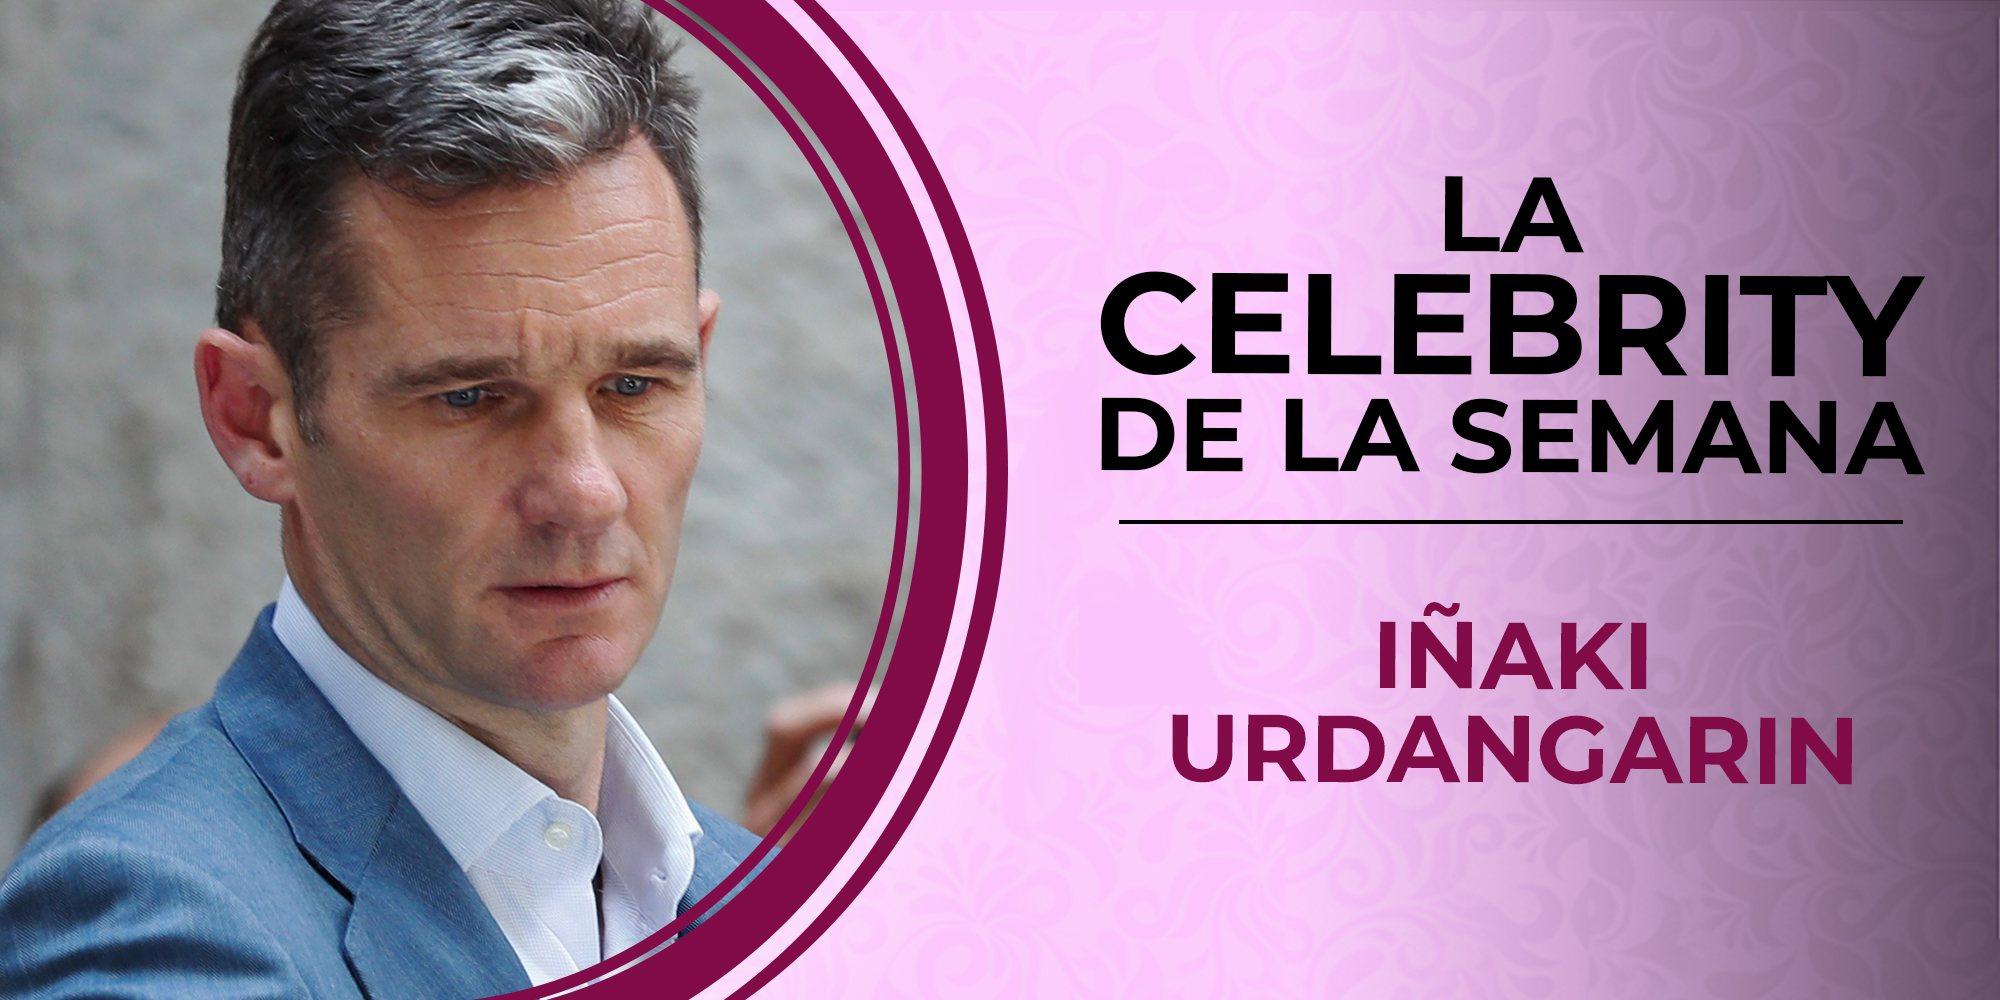 Así ha sido la primera semana de Iñaki Urdangarin en la cárcel: tristeza, soledad y resignación